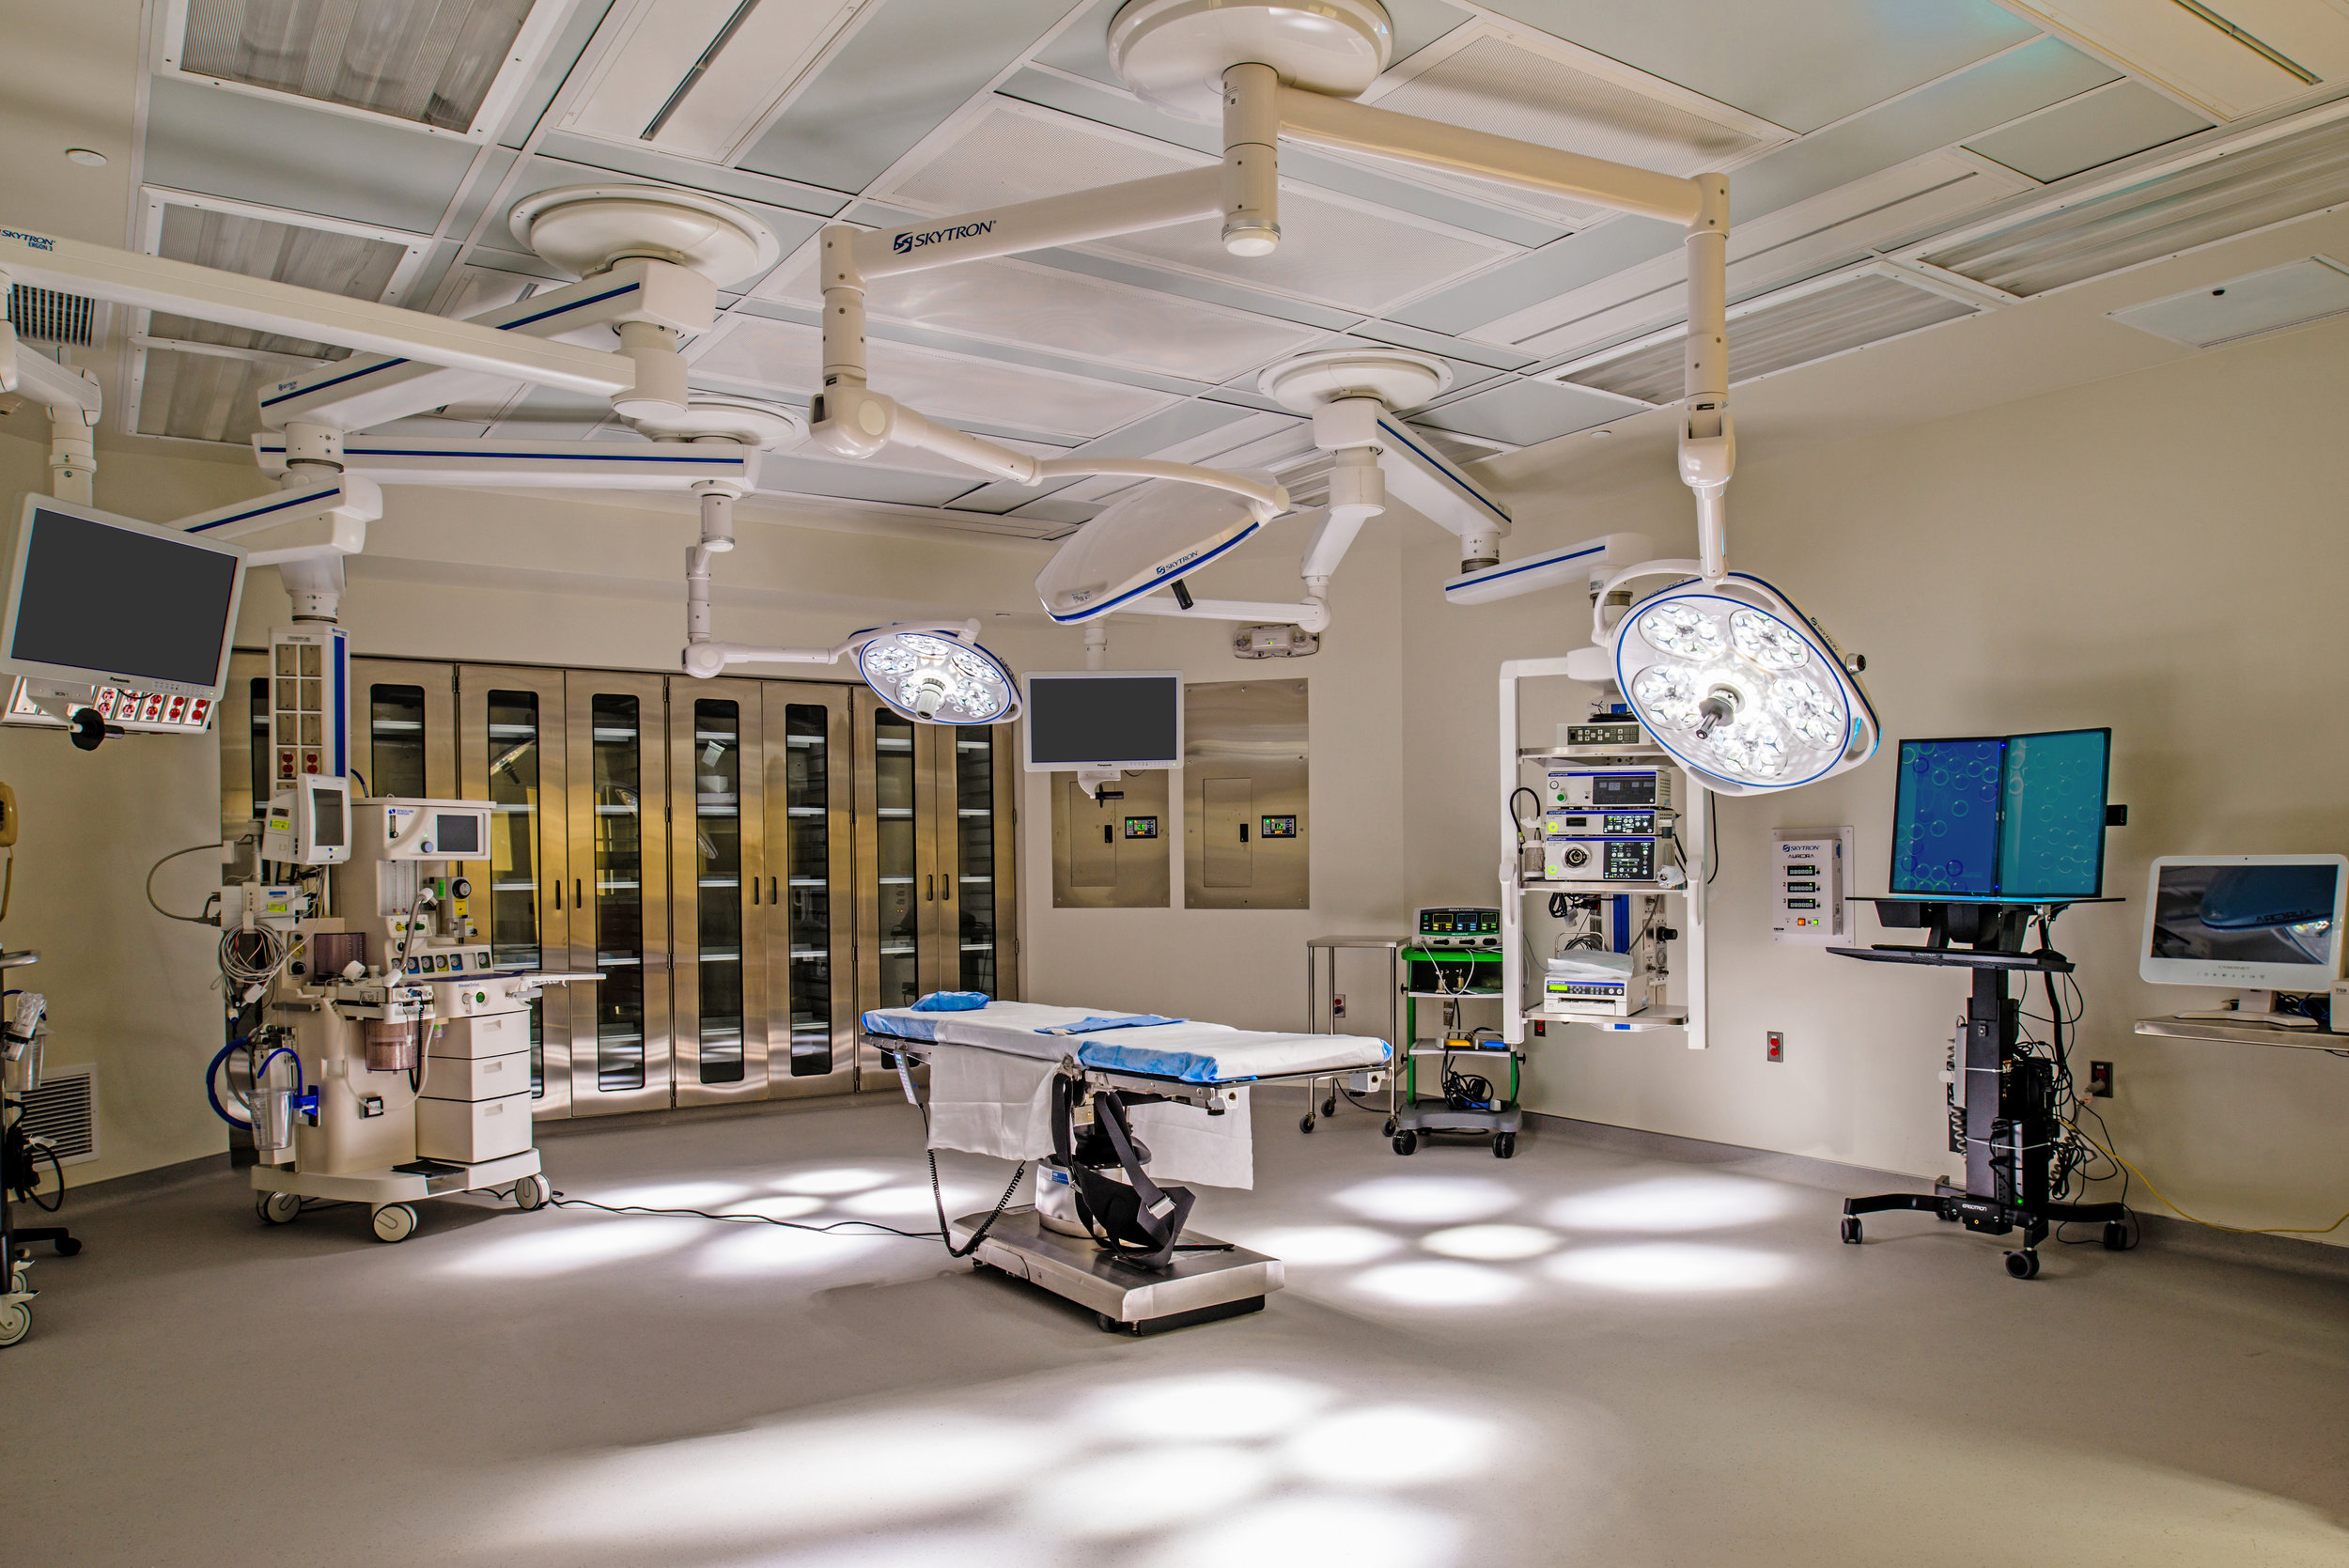 Same Day Surgery Operating Room  at Lake Charles Memorial Hospital